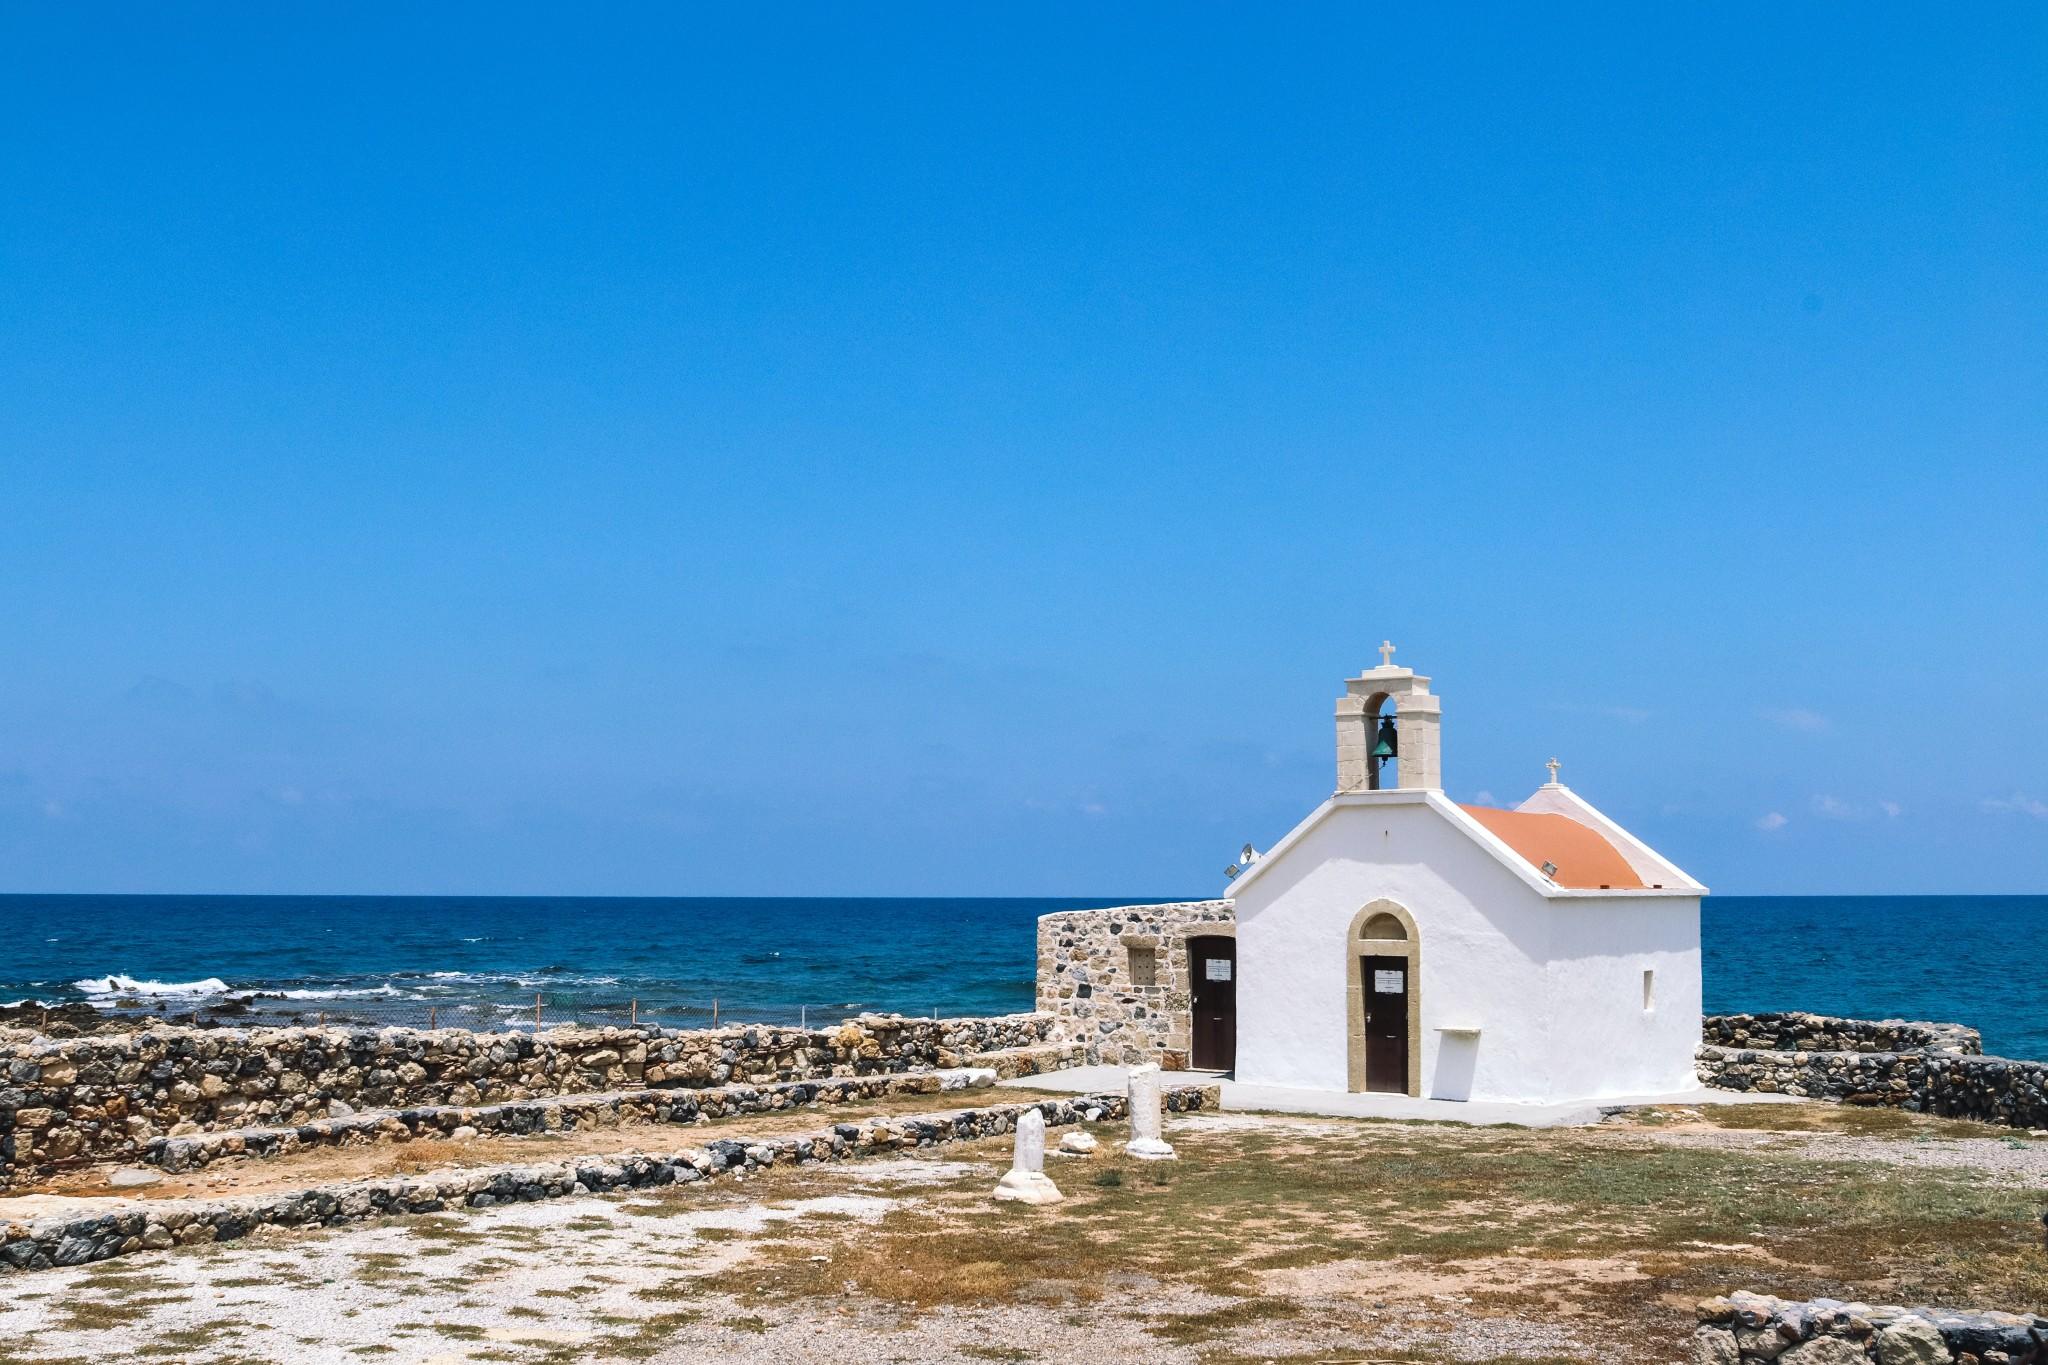 Kreta-Blick auf kleine Kirche und das Meer